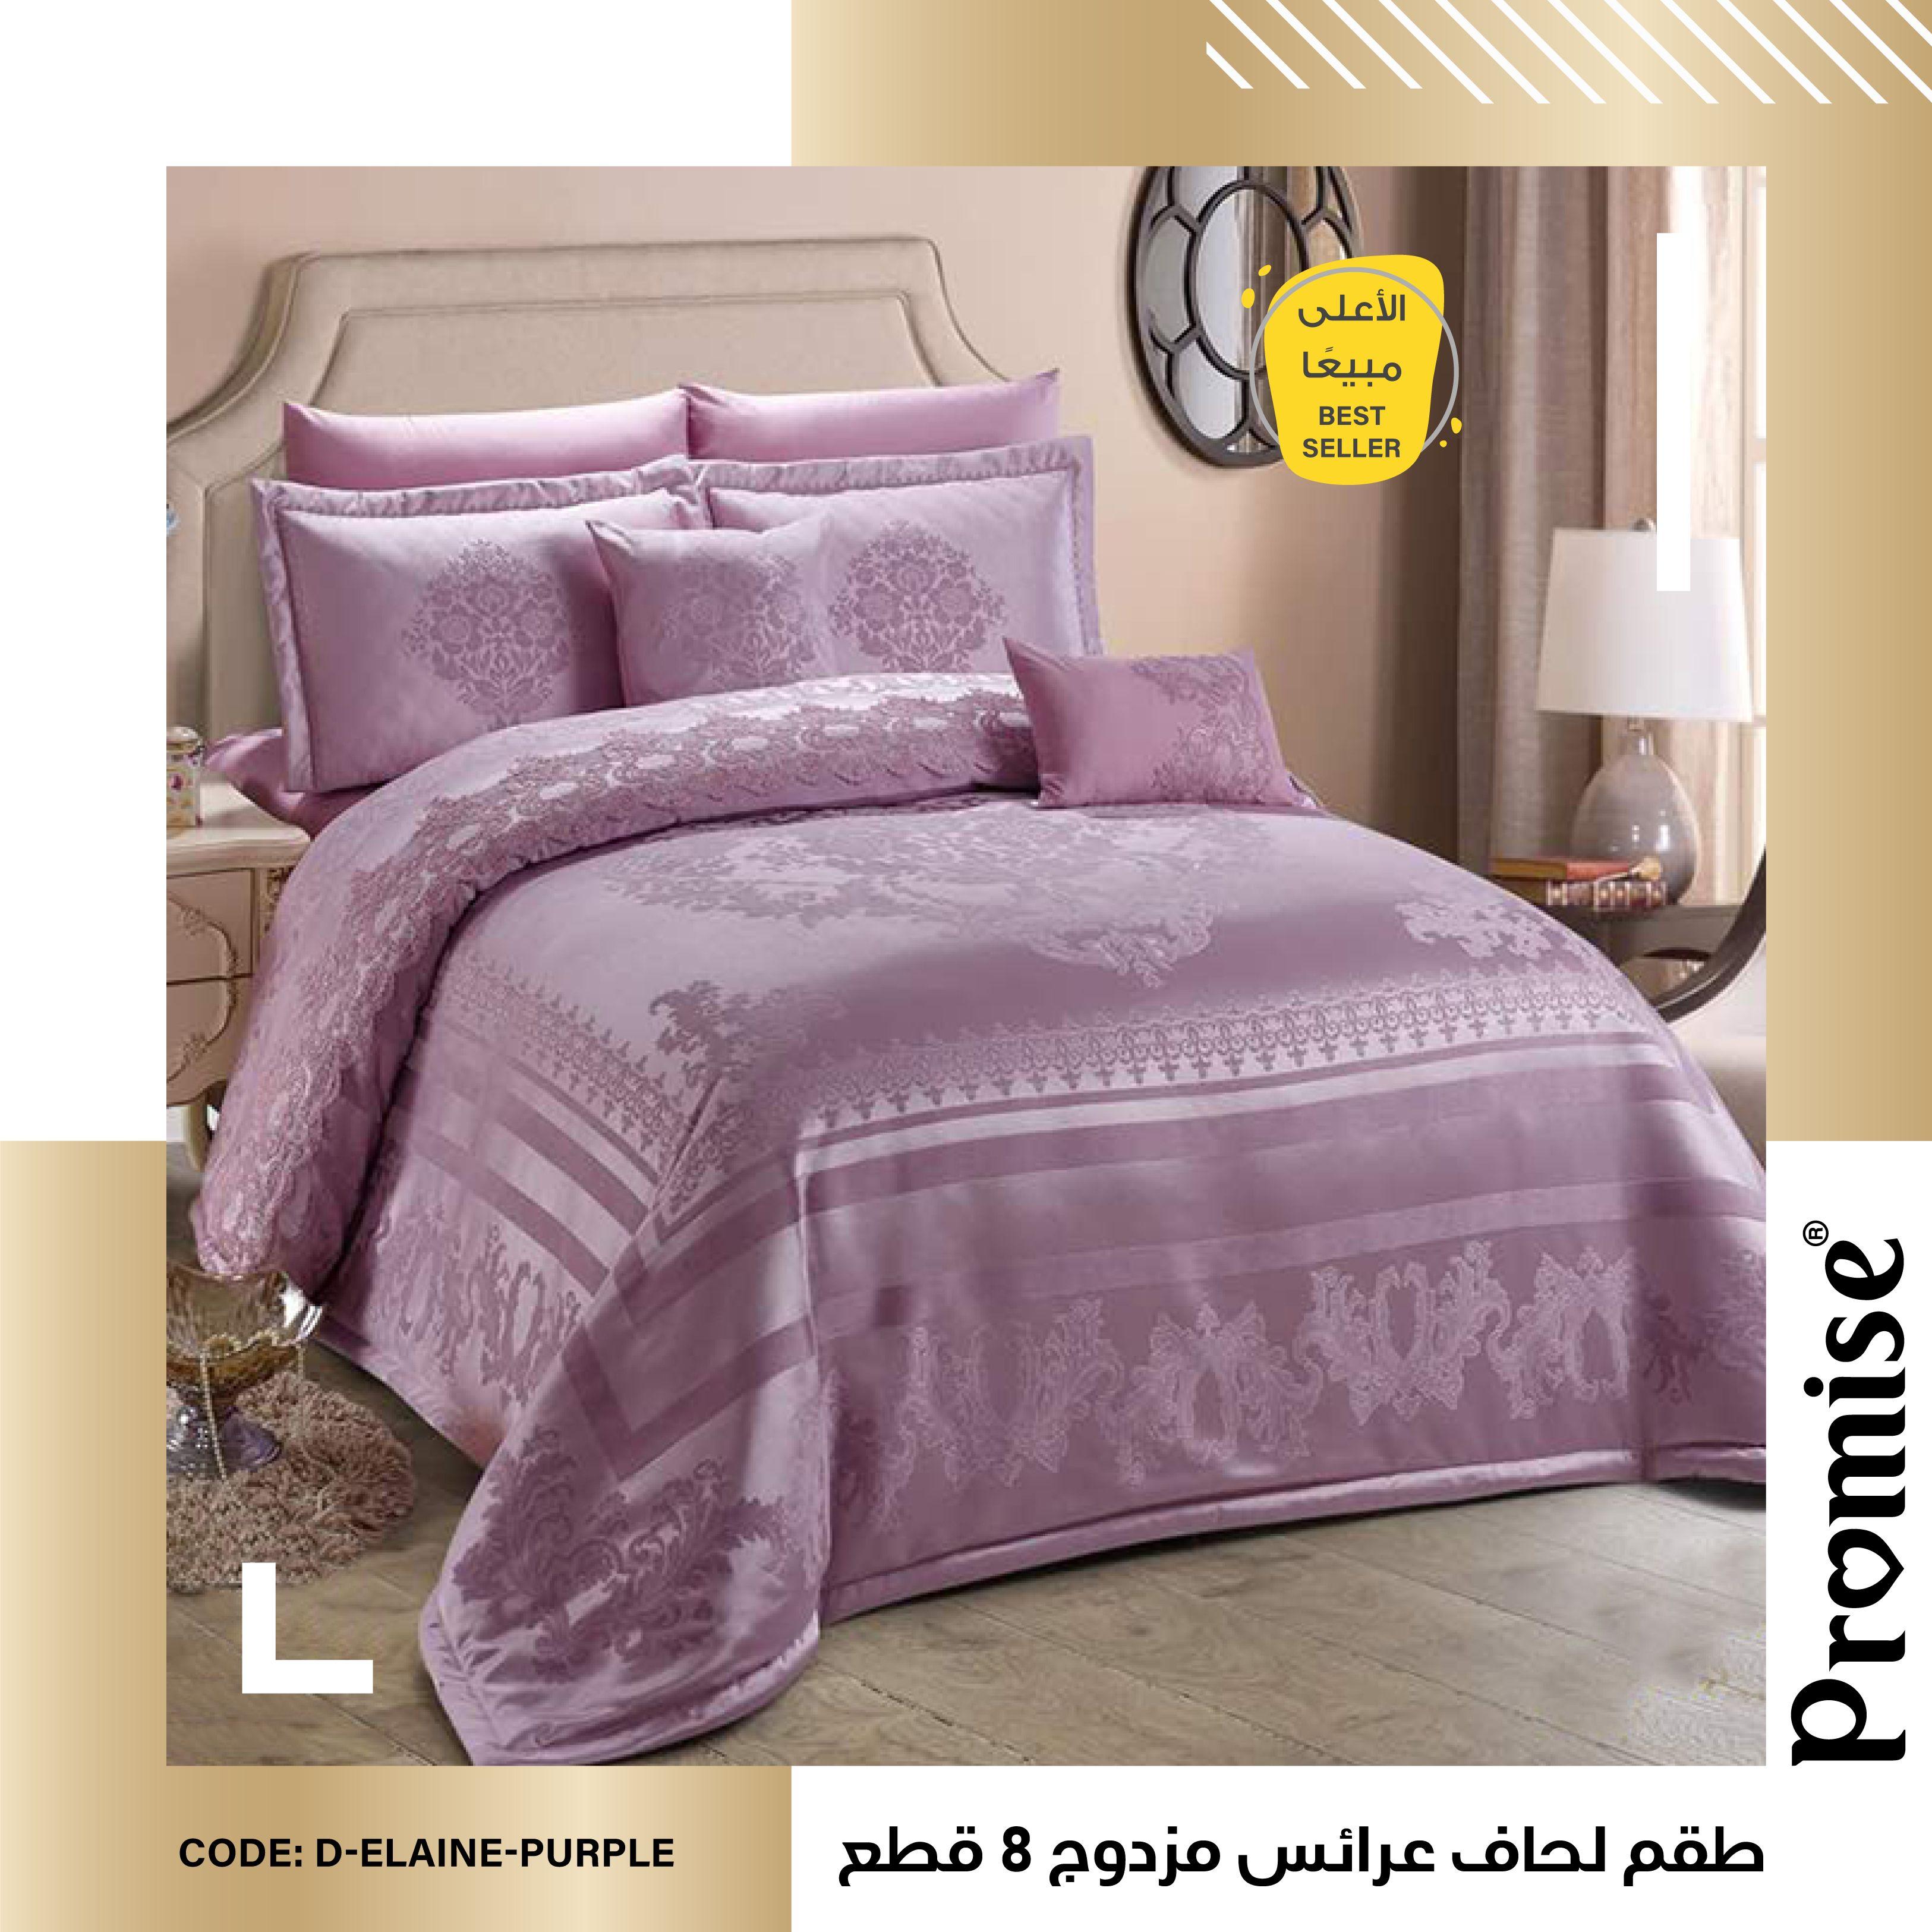 مفرش فاخر بألوانه ونقوشاته الهادئة التي تعطيك لمسة أنيقة لغرفتك Home Decor Home Decor